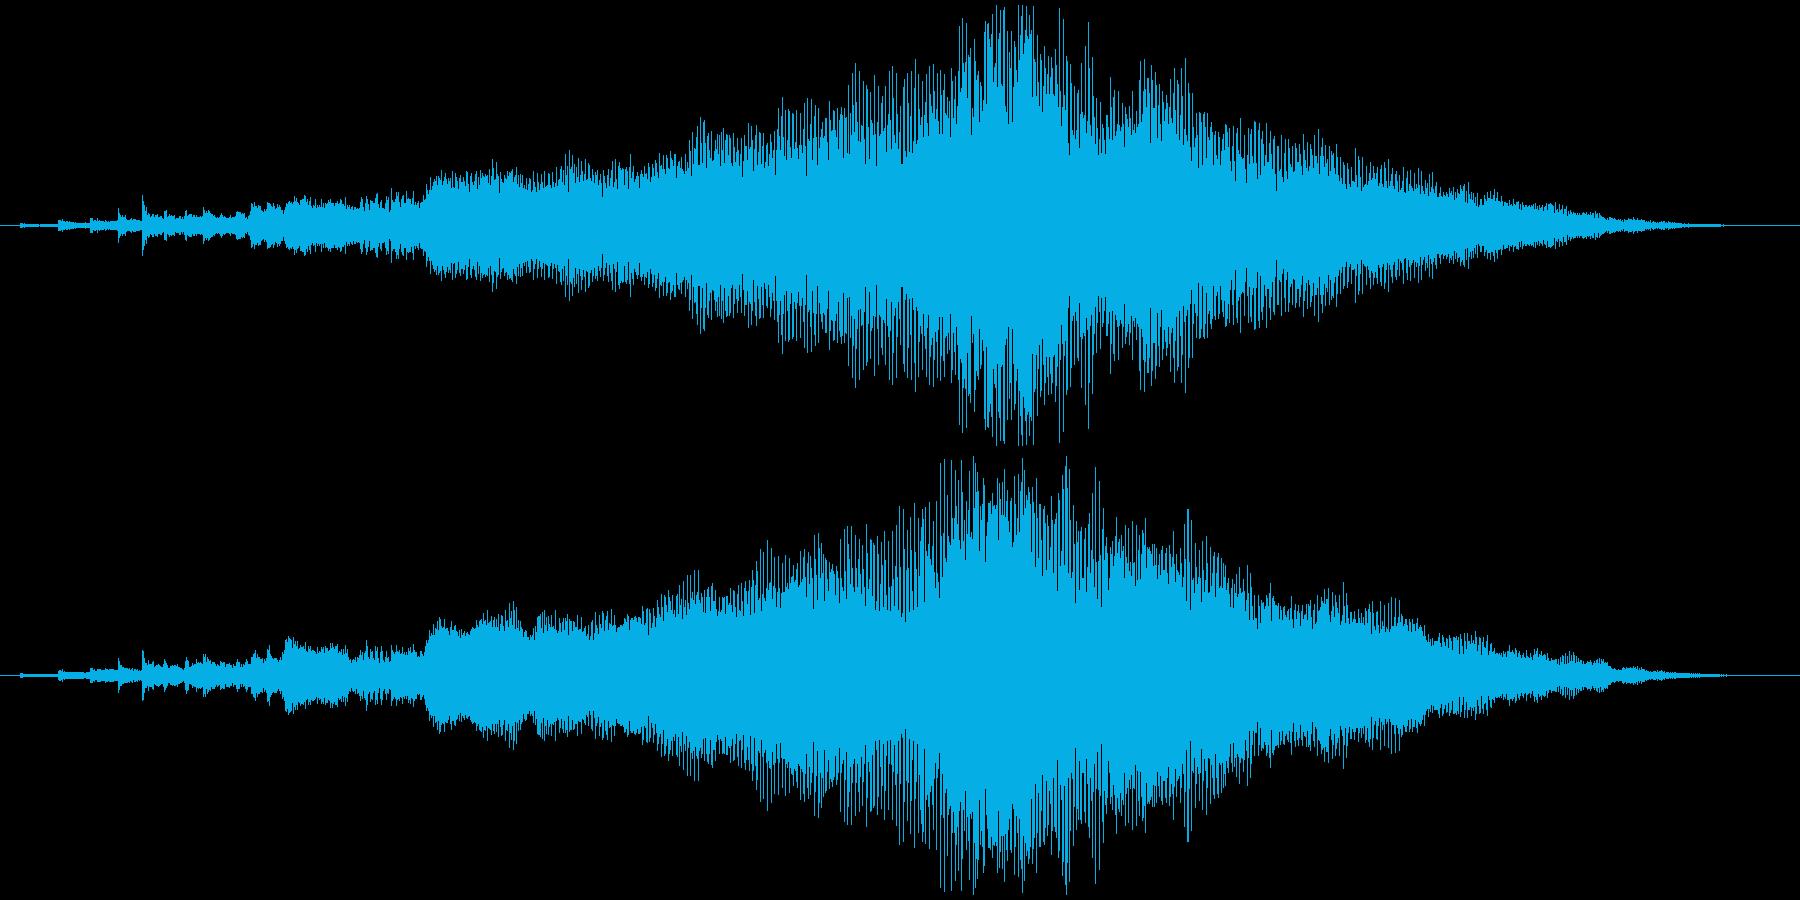 企業向けサウンドロゴ~ハープと管弦楽器~の再生済みの波形